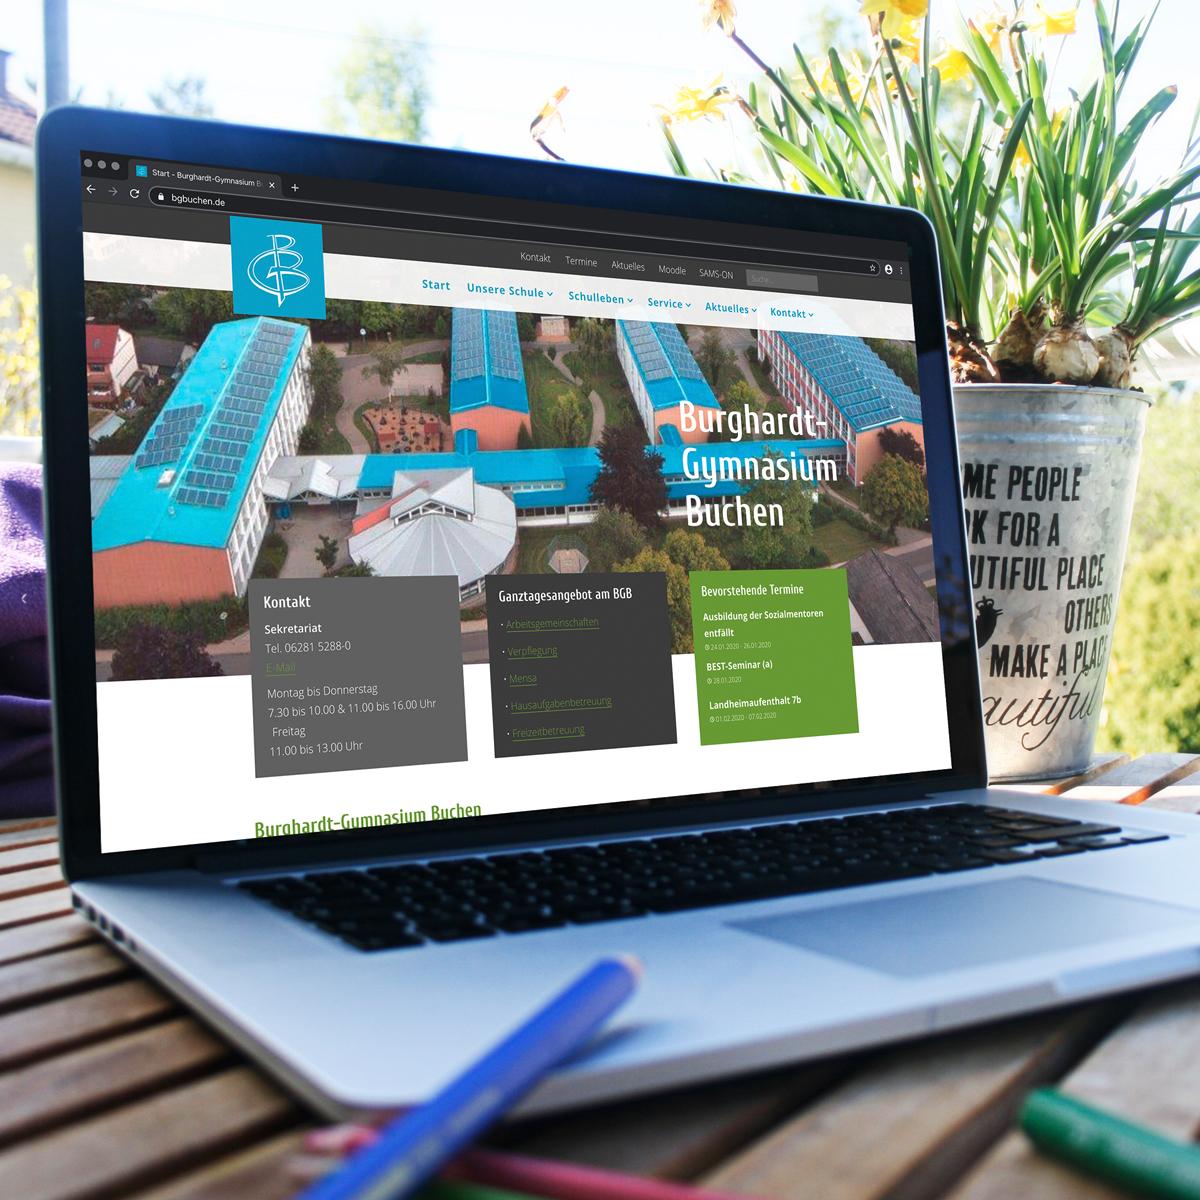 Neue Webseite für das Burghardt-Gymnasium Buchen